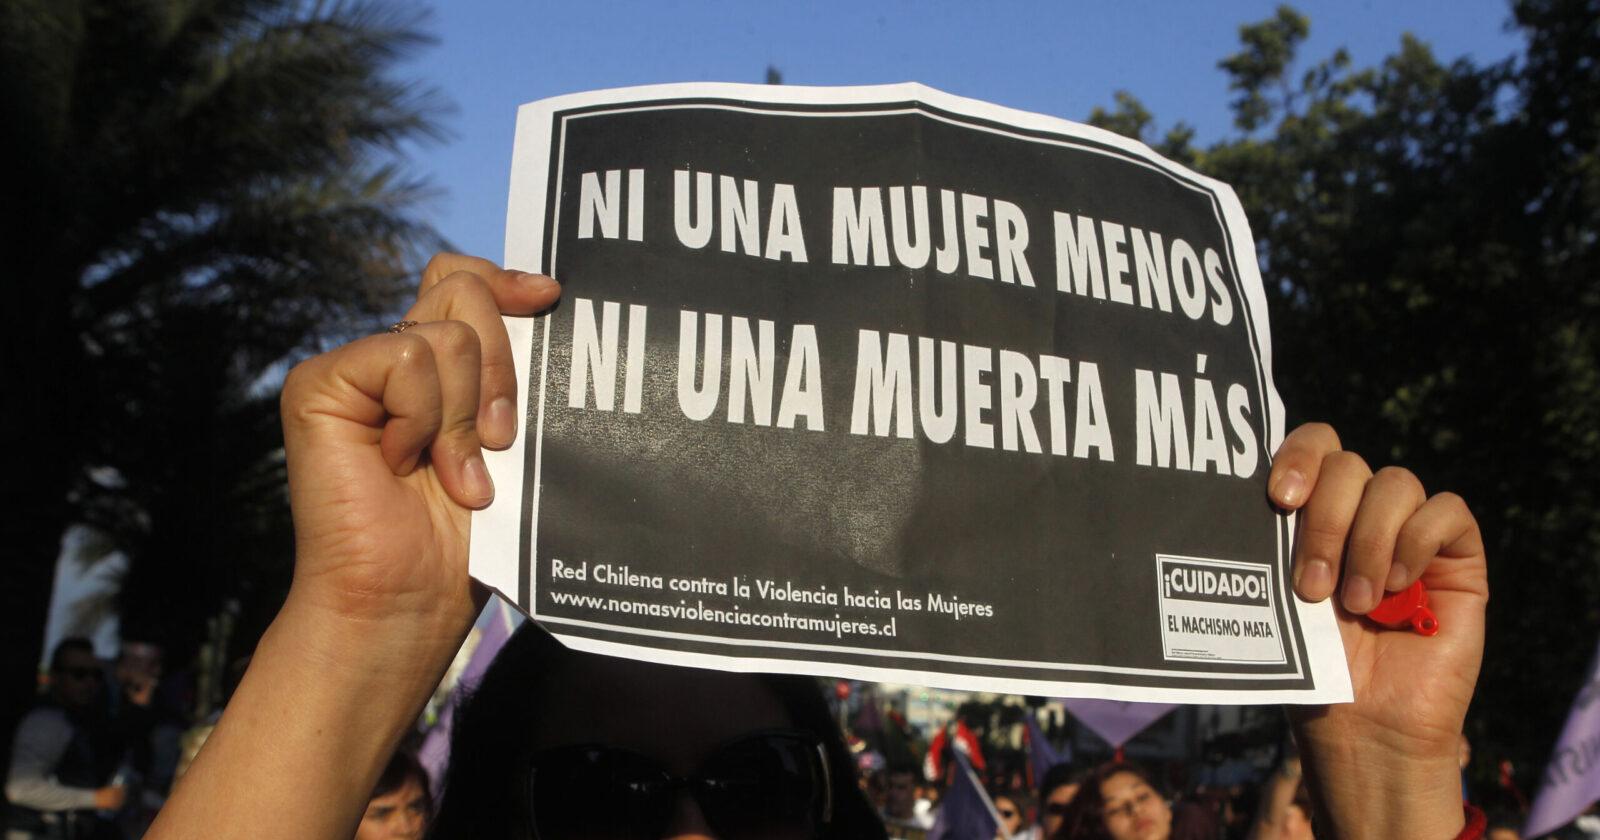 Los cuatro casos de violencia de género que han conmocionado a Chile